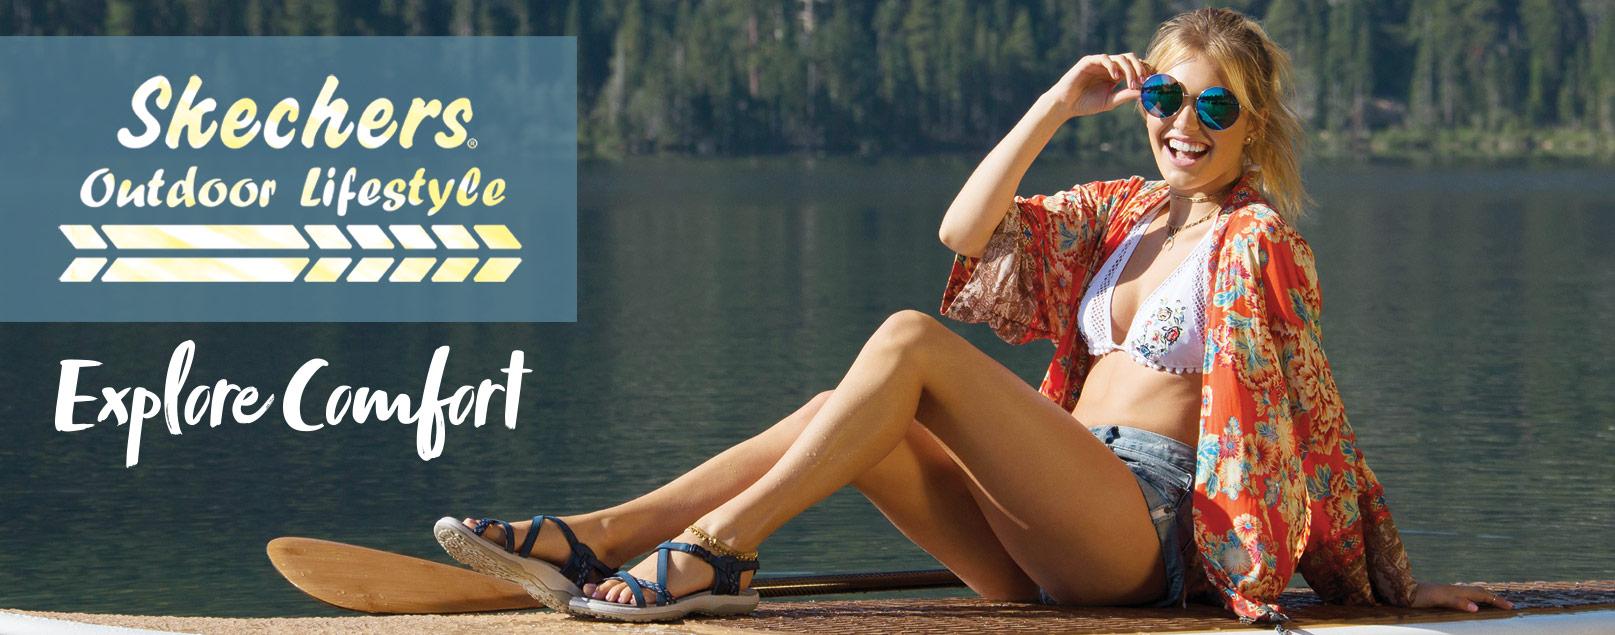 SKECHERS Outdoor Lifestyle - Explore Comfort